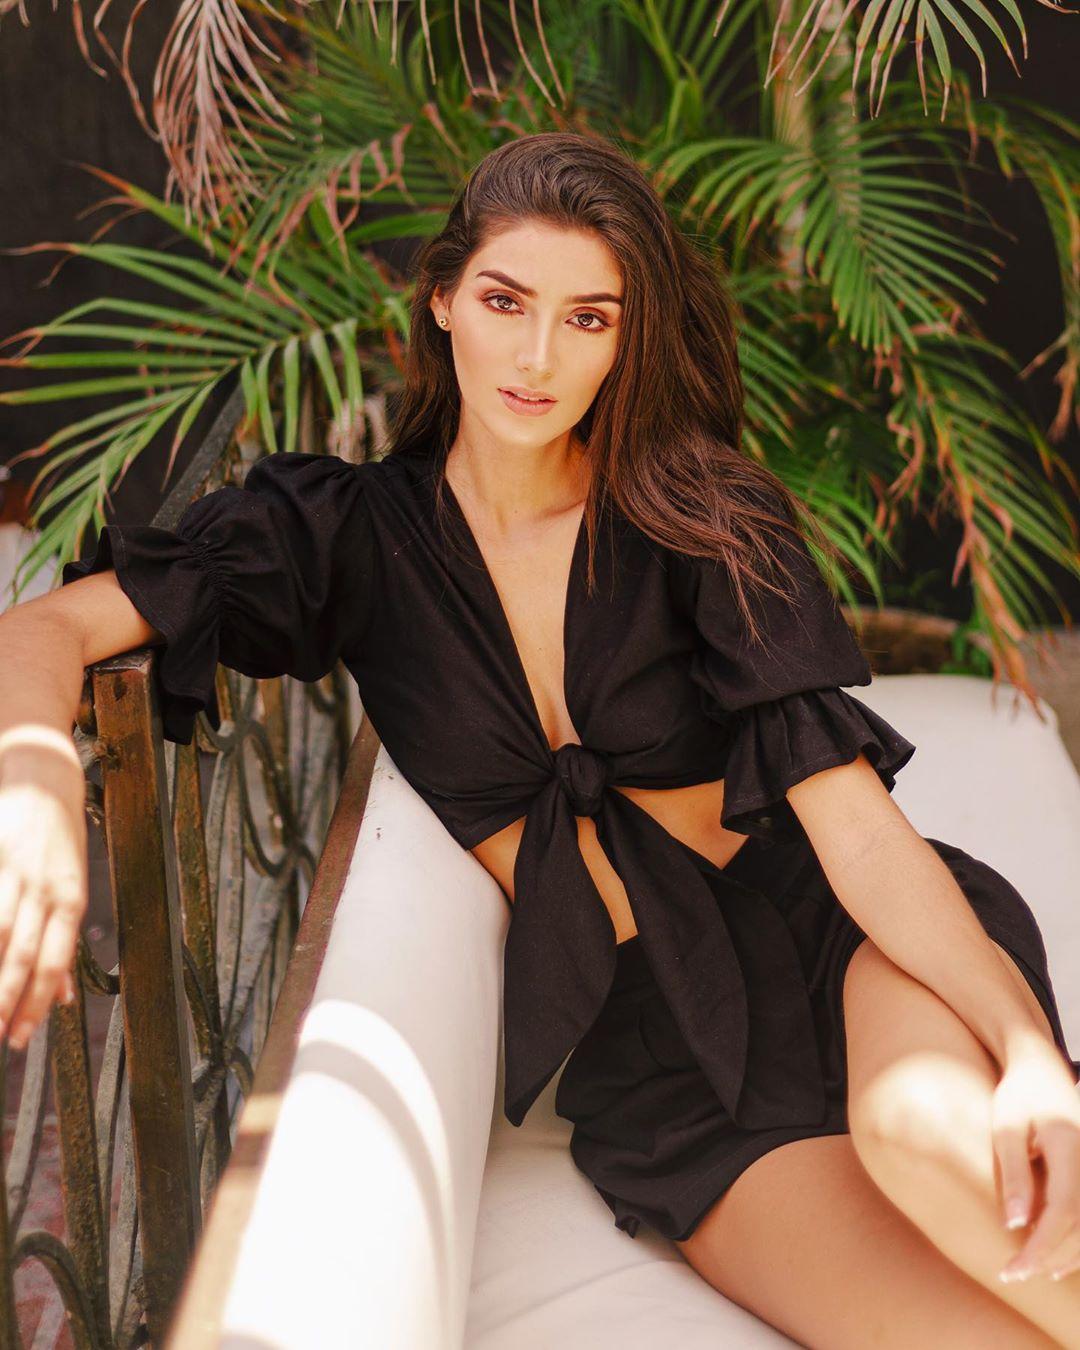 mariana jaramillo, miss charm colombia 2020. 90145810